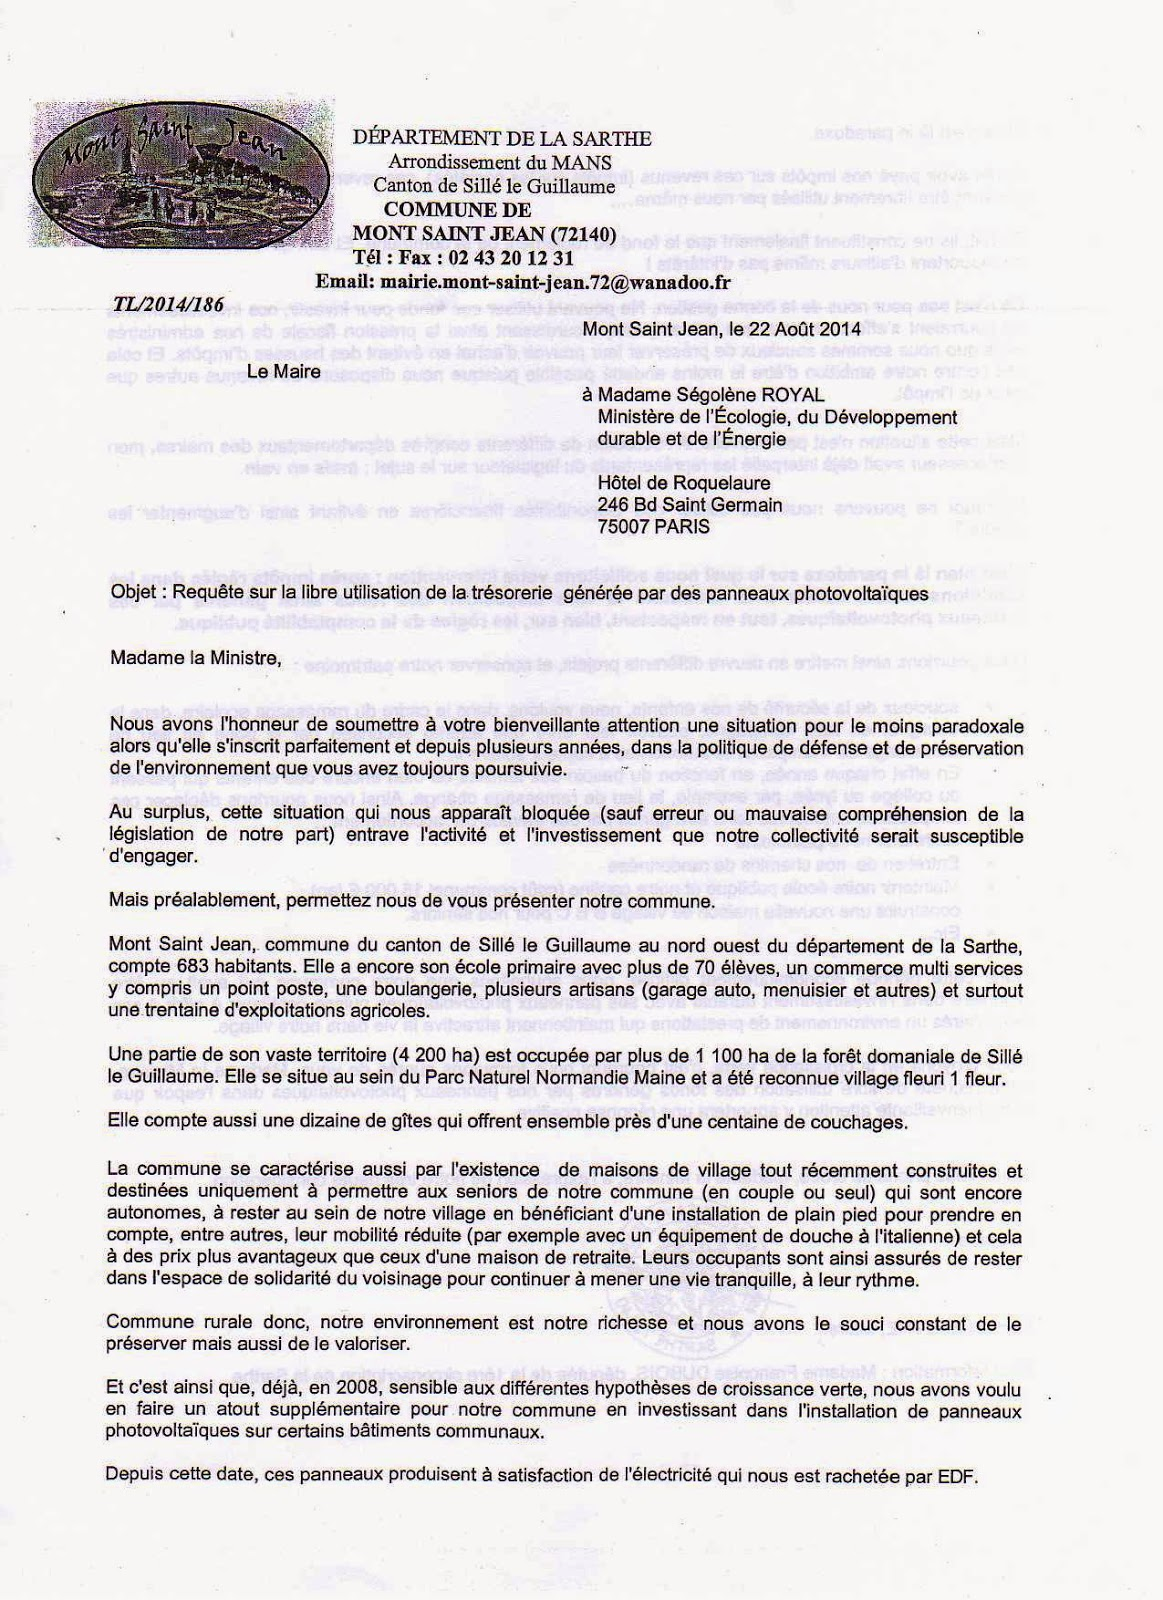 mont saint jean sarthe courrier au minist re de l 39 ecologie du d veloppement durable et de l. Black Bedroom Furniture Sets. Home Design Ideas